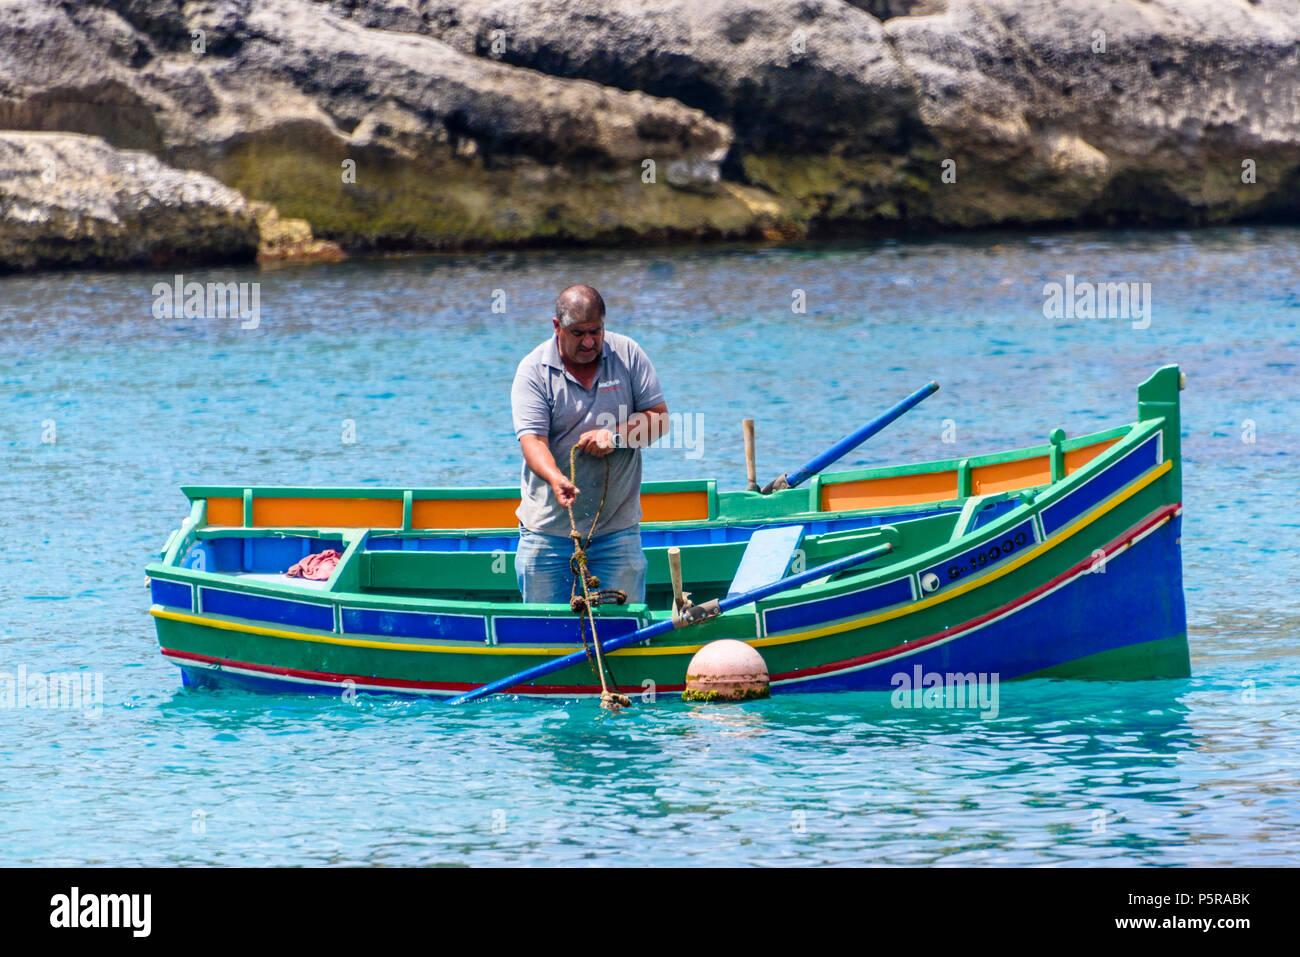 Un pescador filas su maltés tradicional bote de remos en la bahía de Xlendi, a recoger las jaulas de langosta. Imagen De Stock